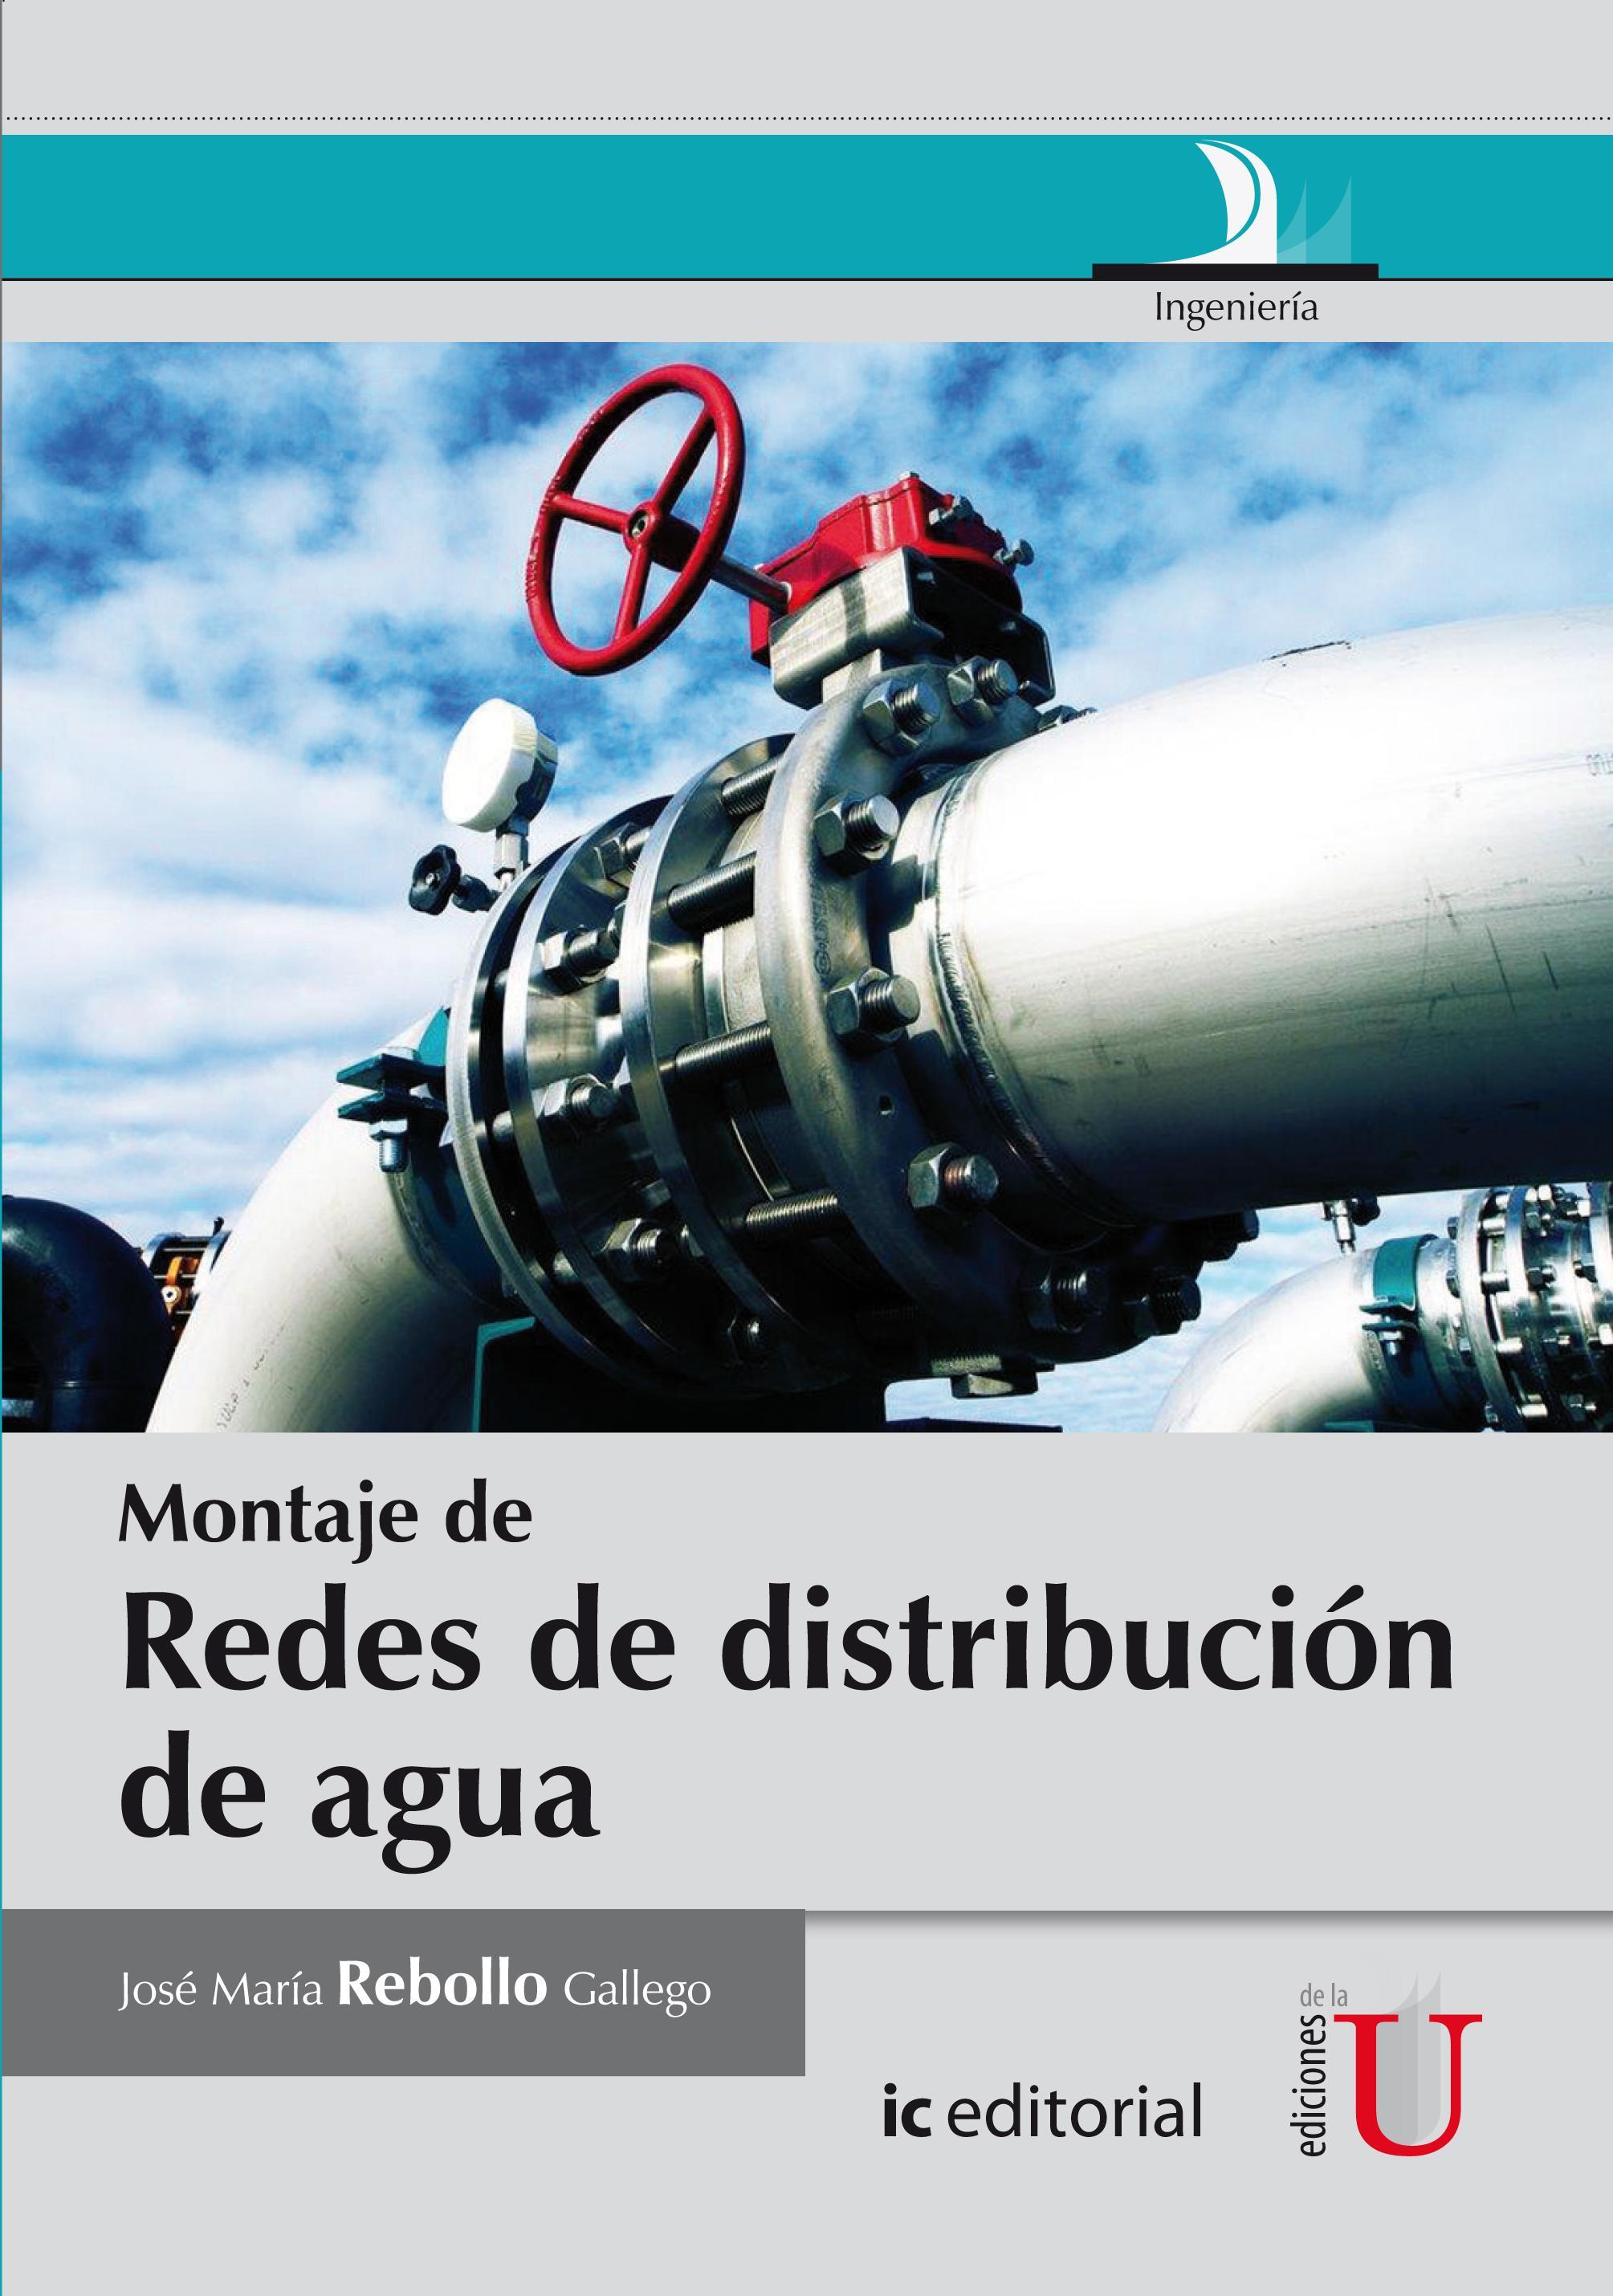 Analiza los diferentes factores a tener en cuenta en la organización del montaje de redes de distribución de agua